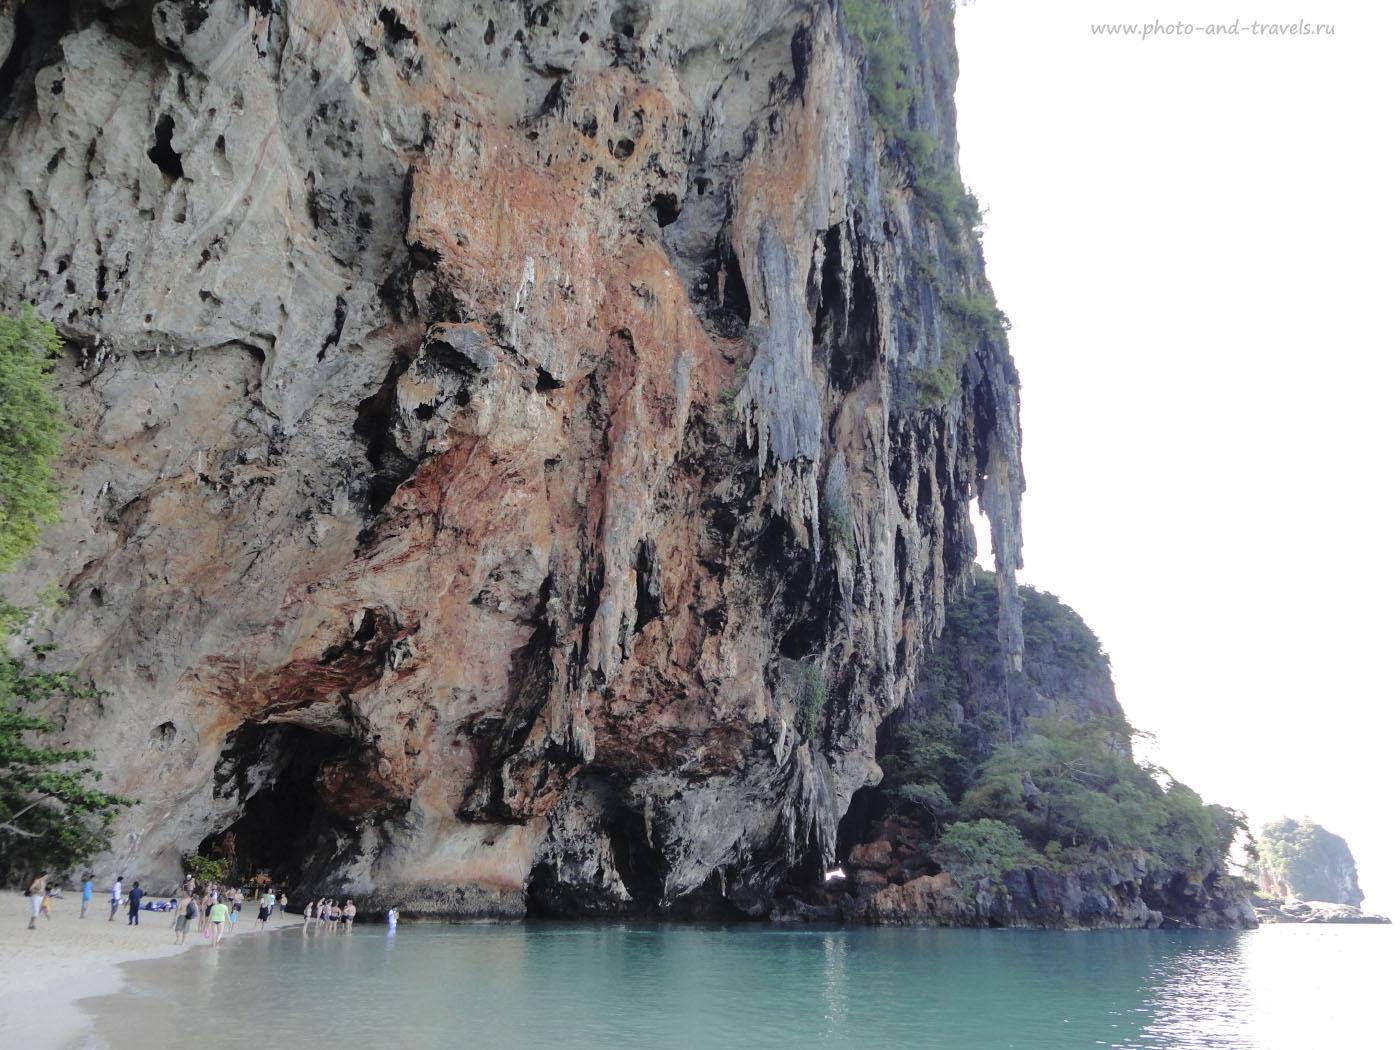 Фото 15. Отзывы туристов о самостоятельной поездке в Краби в Тайланде. Пляж Рейли (Railay Beach).